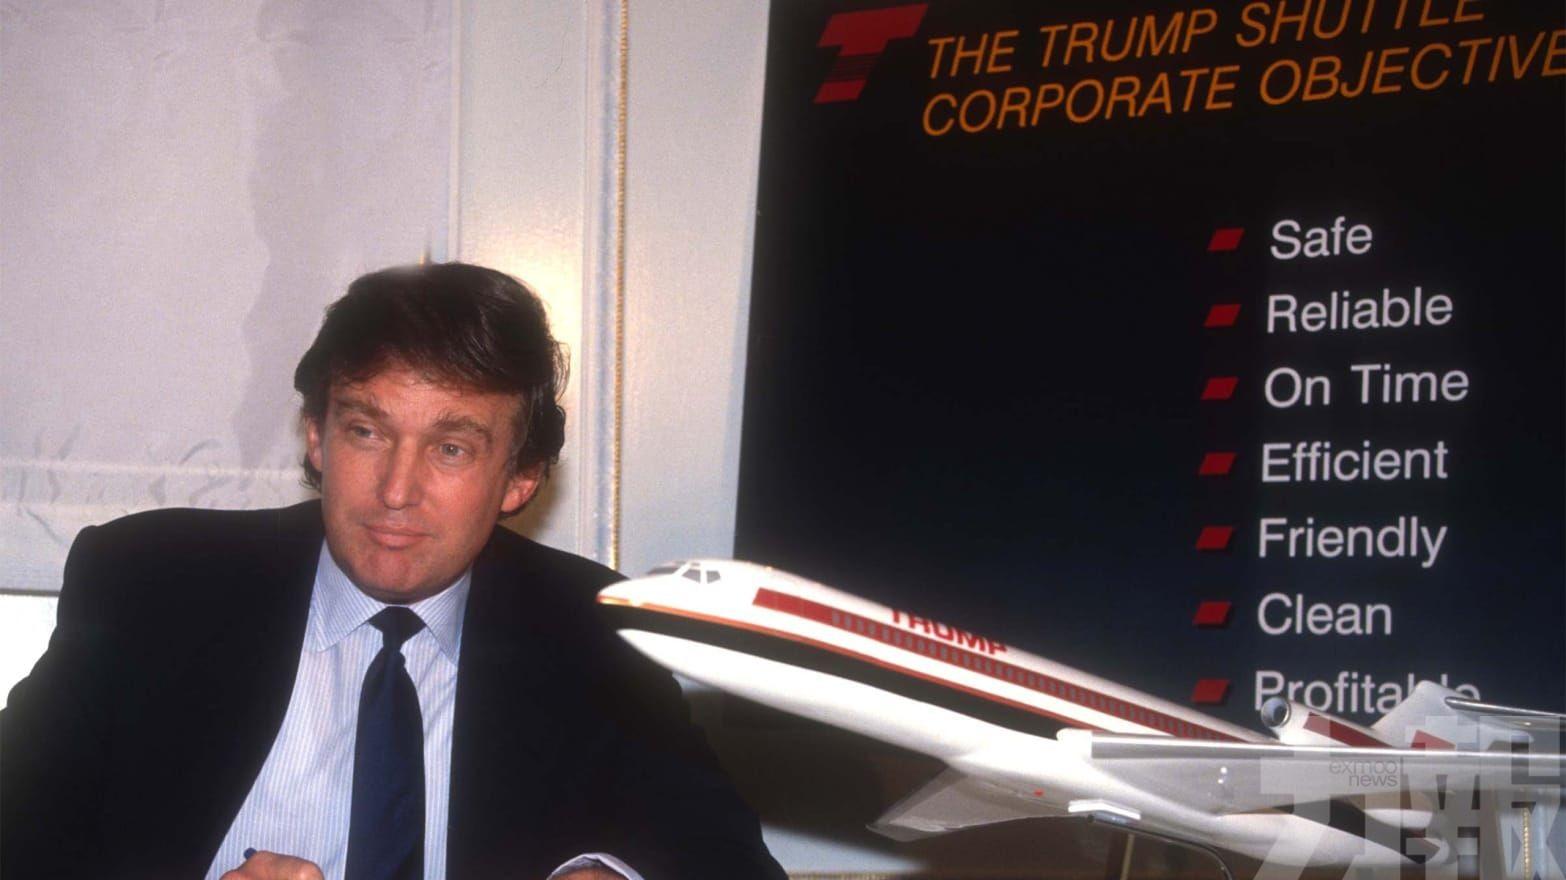 因特朗普就是波音王牌銷售員